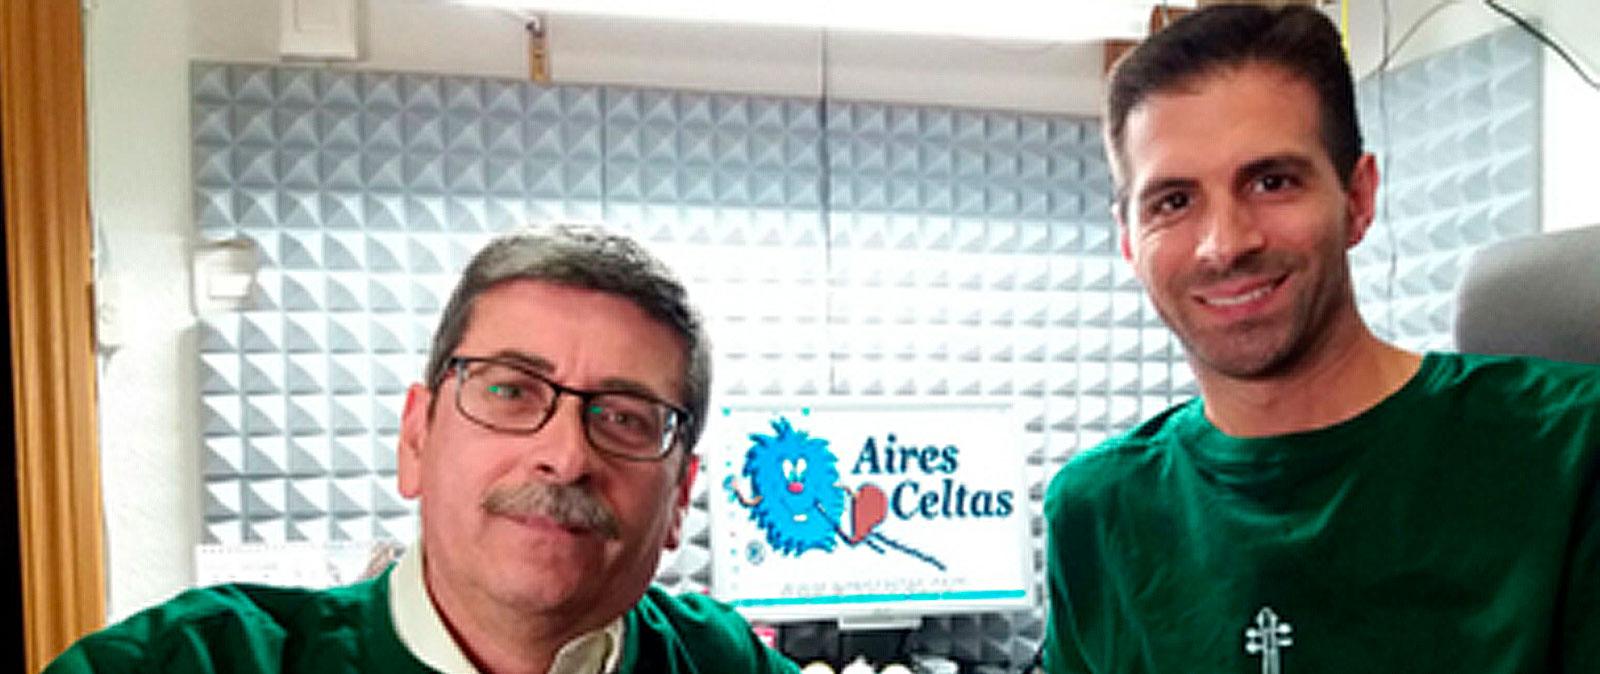 equipo-radio-consuegra-aires-celtas